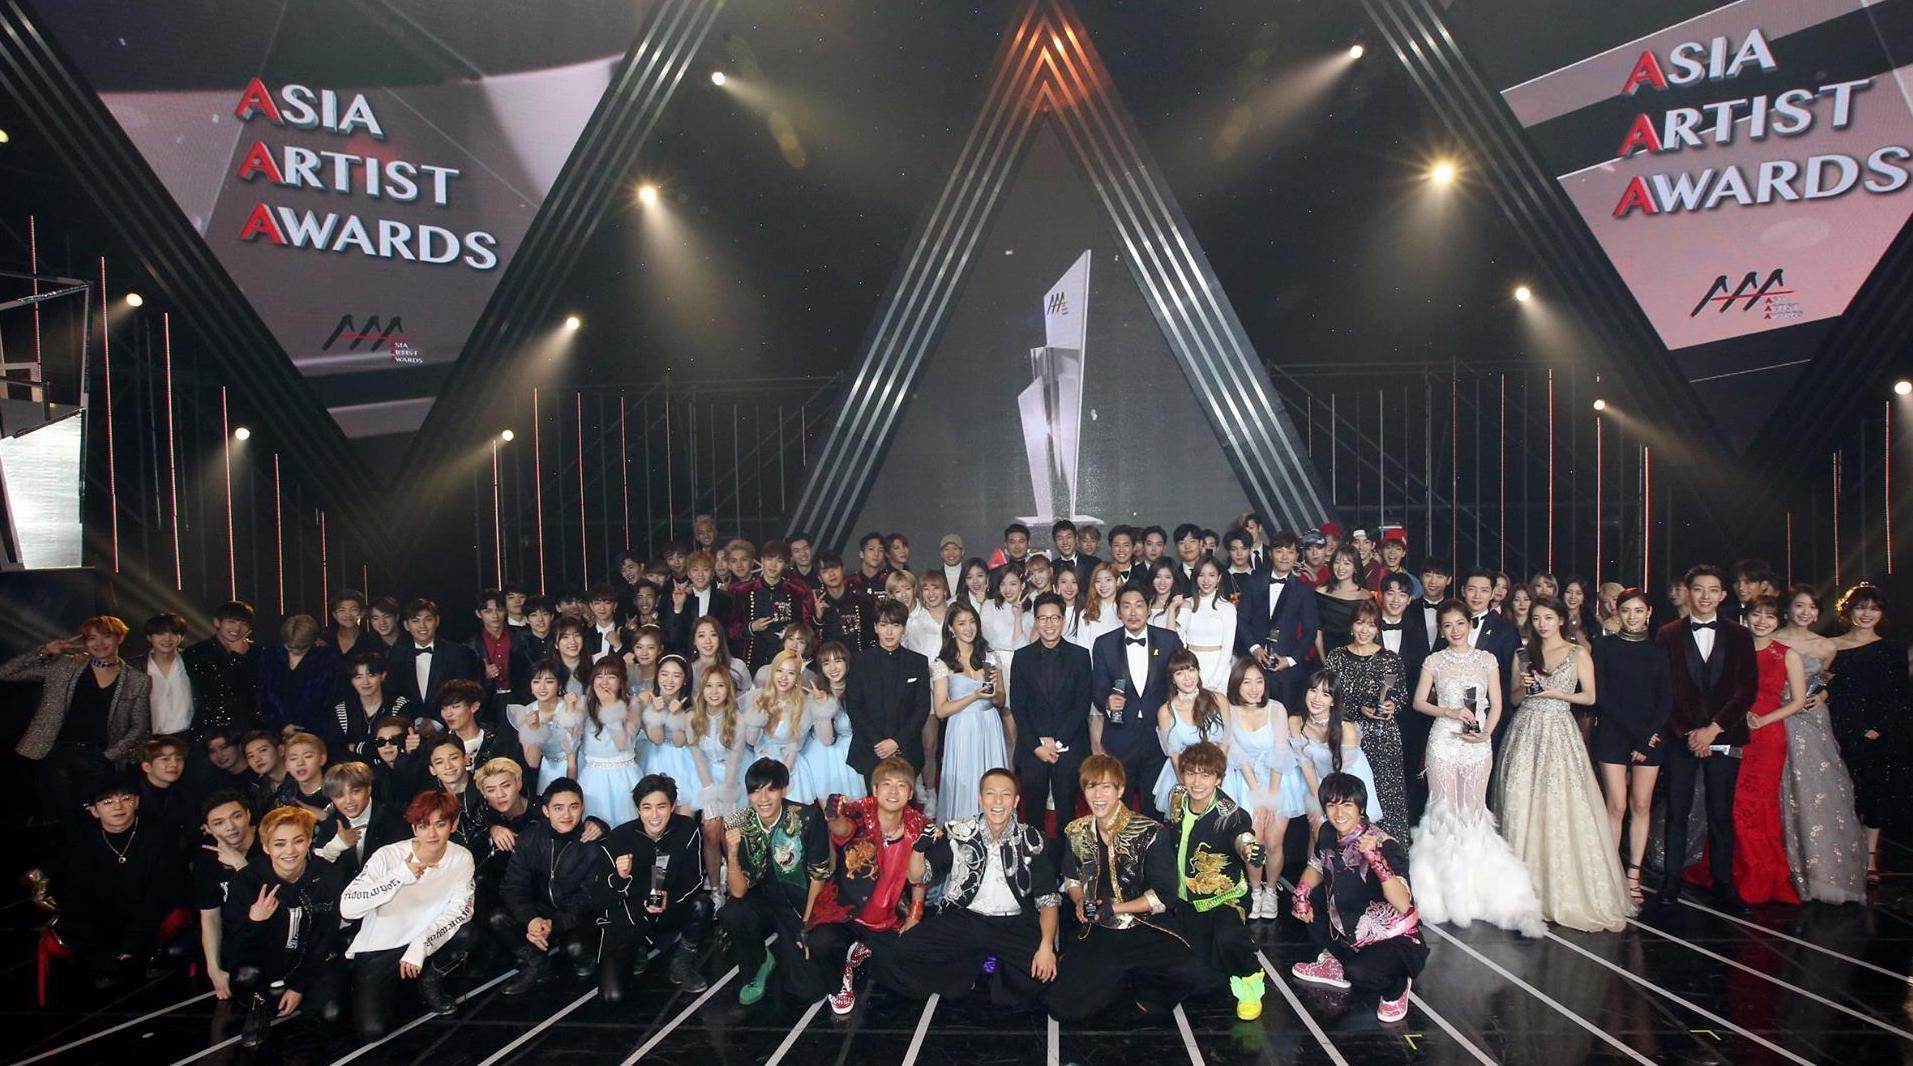 Se anuncia presentador y detalles de los 2017 Asia Artist Awards